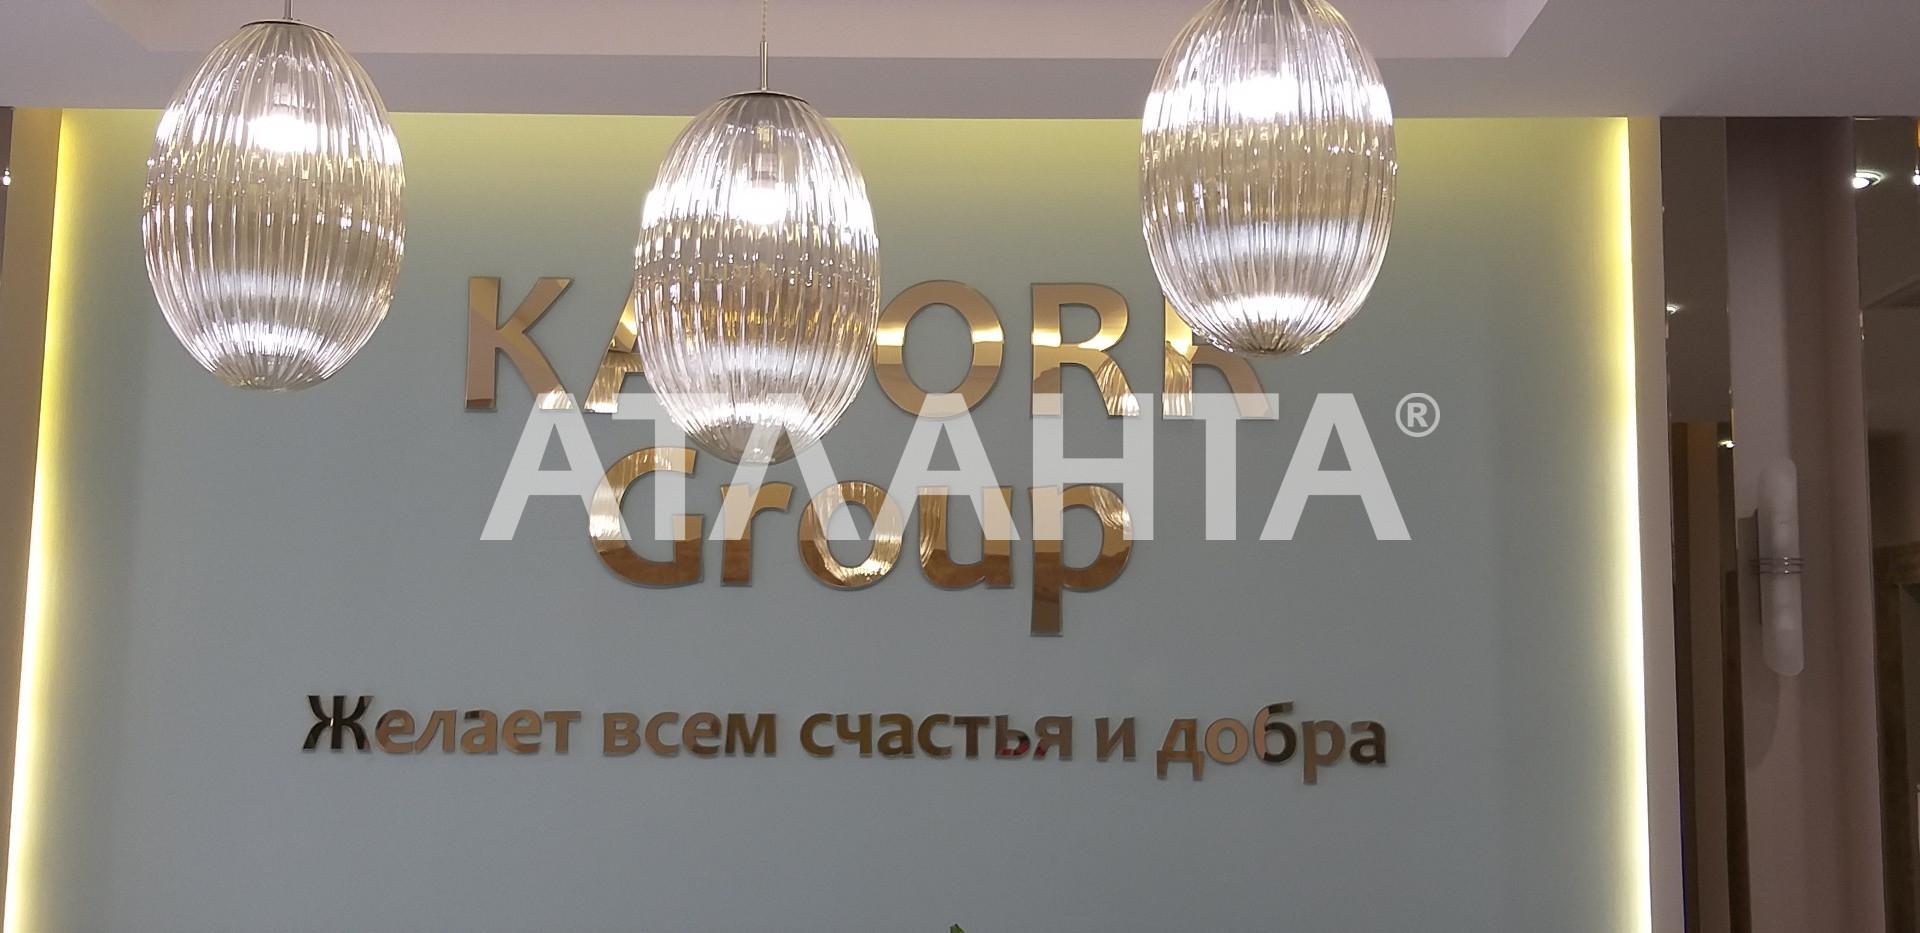 Продается 1-комнатная Квартира на ул. Каманина — 40 000 у.е. (фото №4)